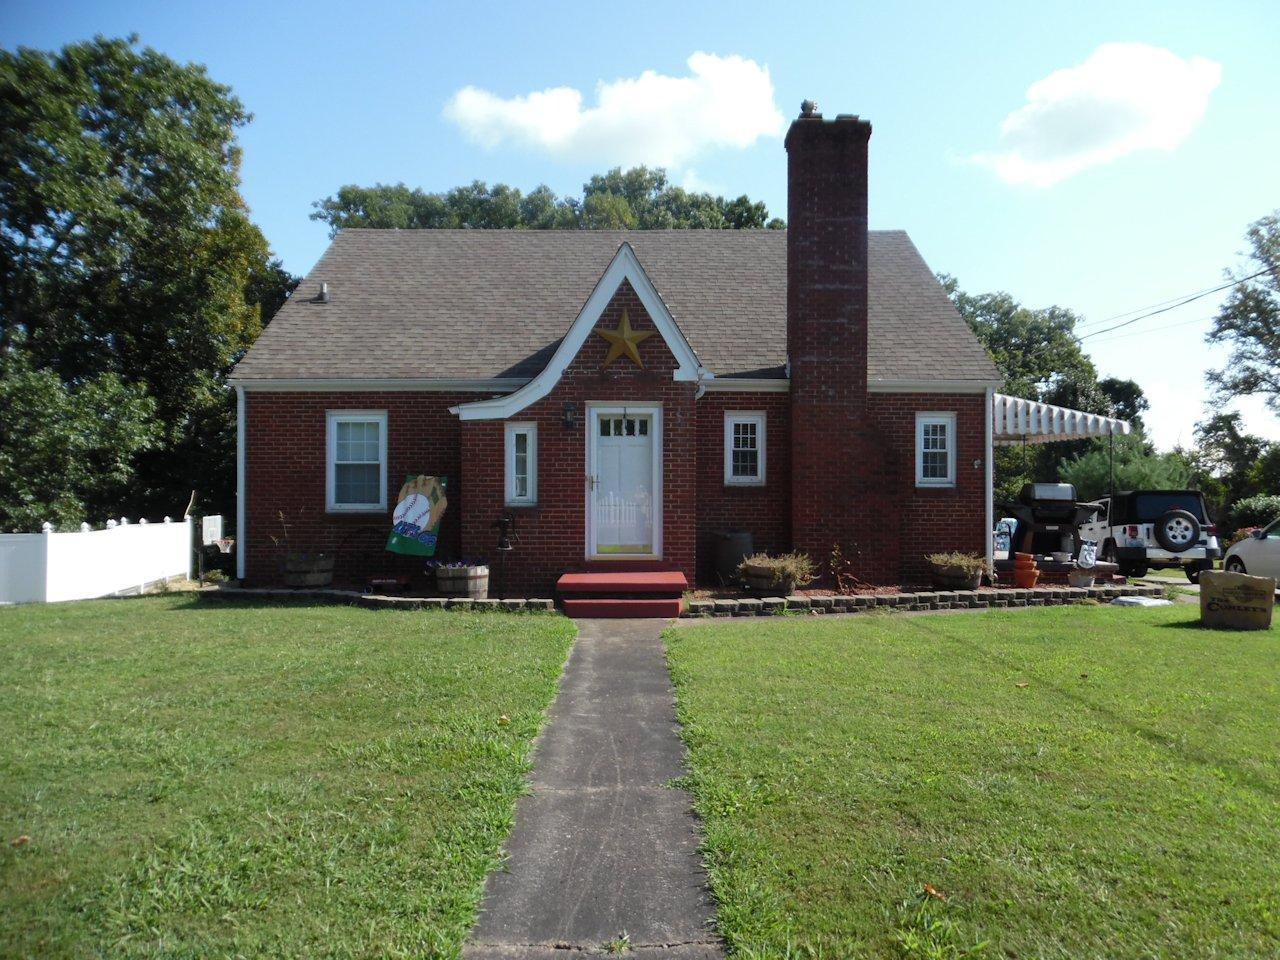 116 Caroline Drive, Ashland, Kentucky 41101